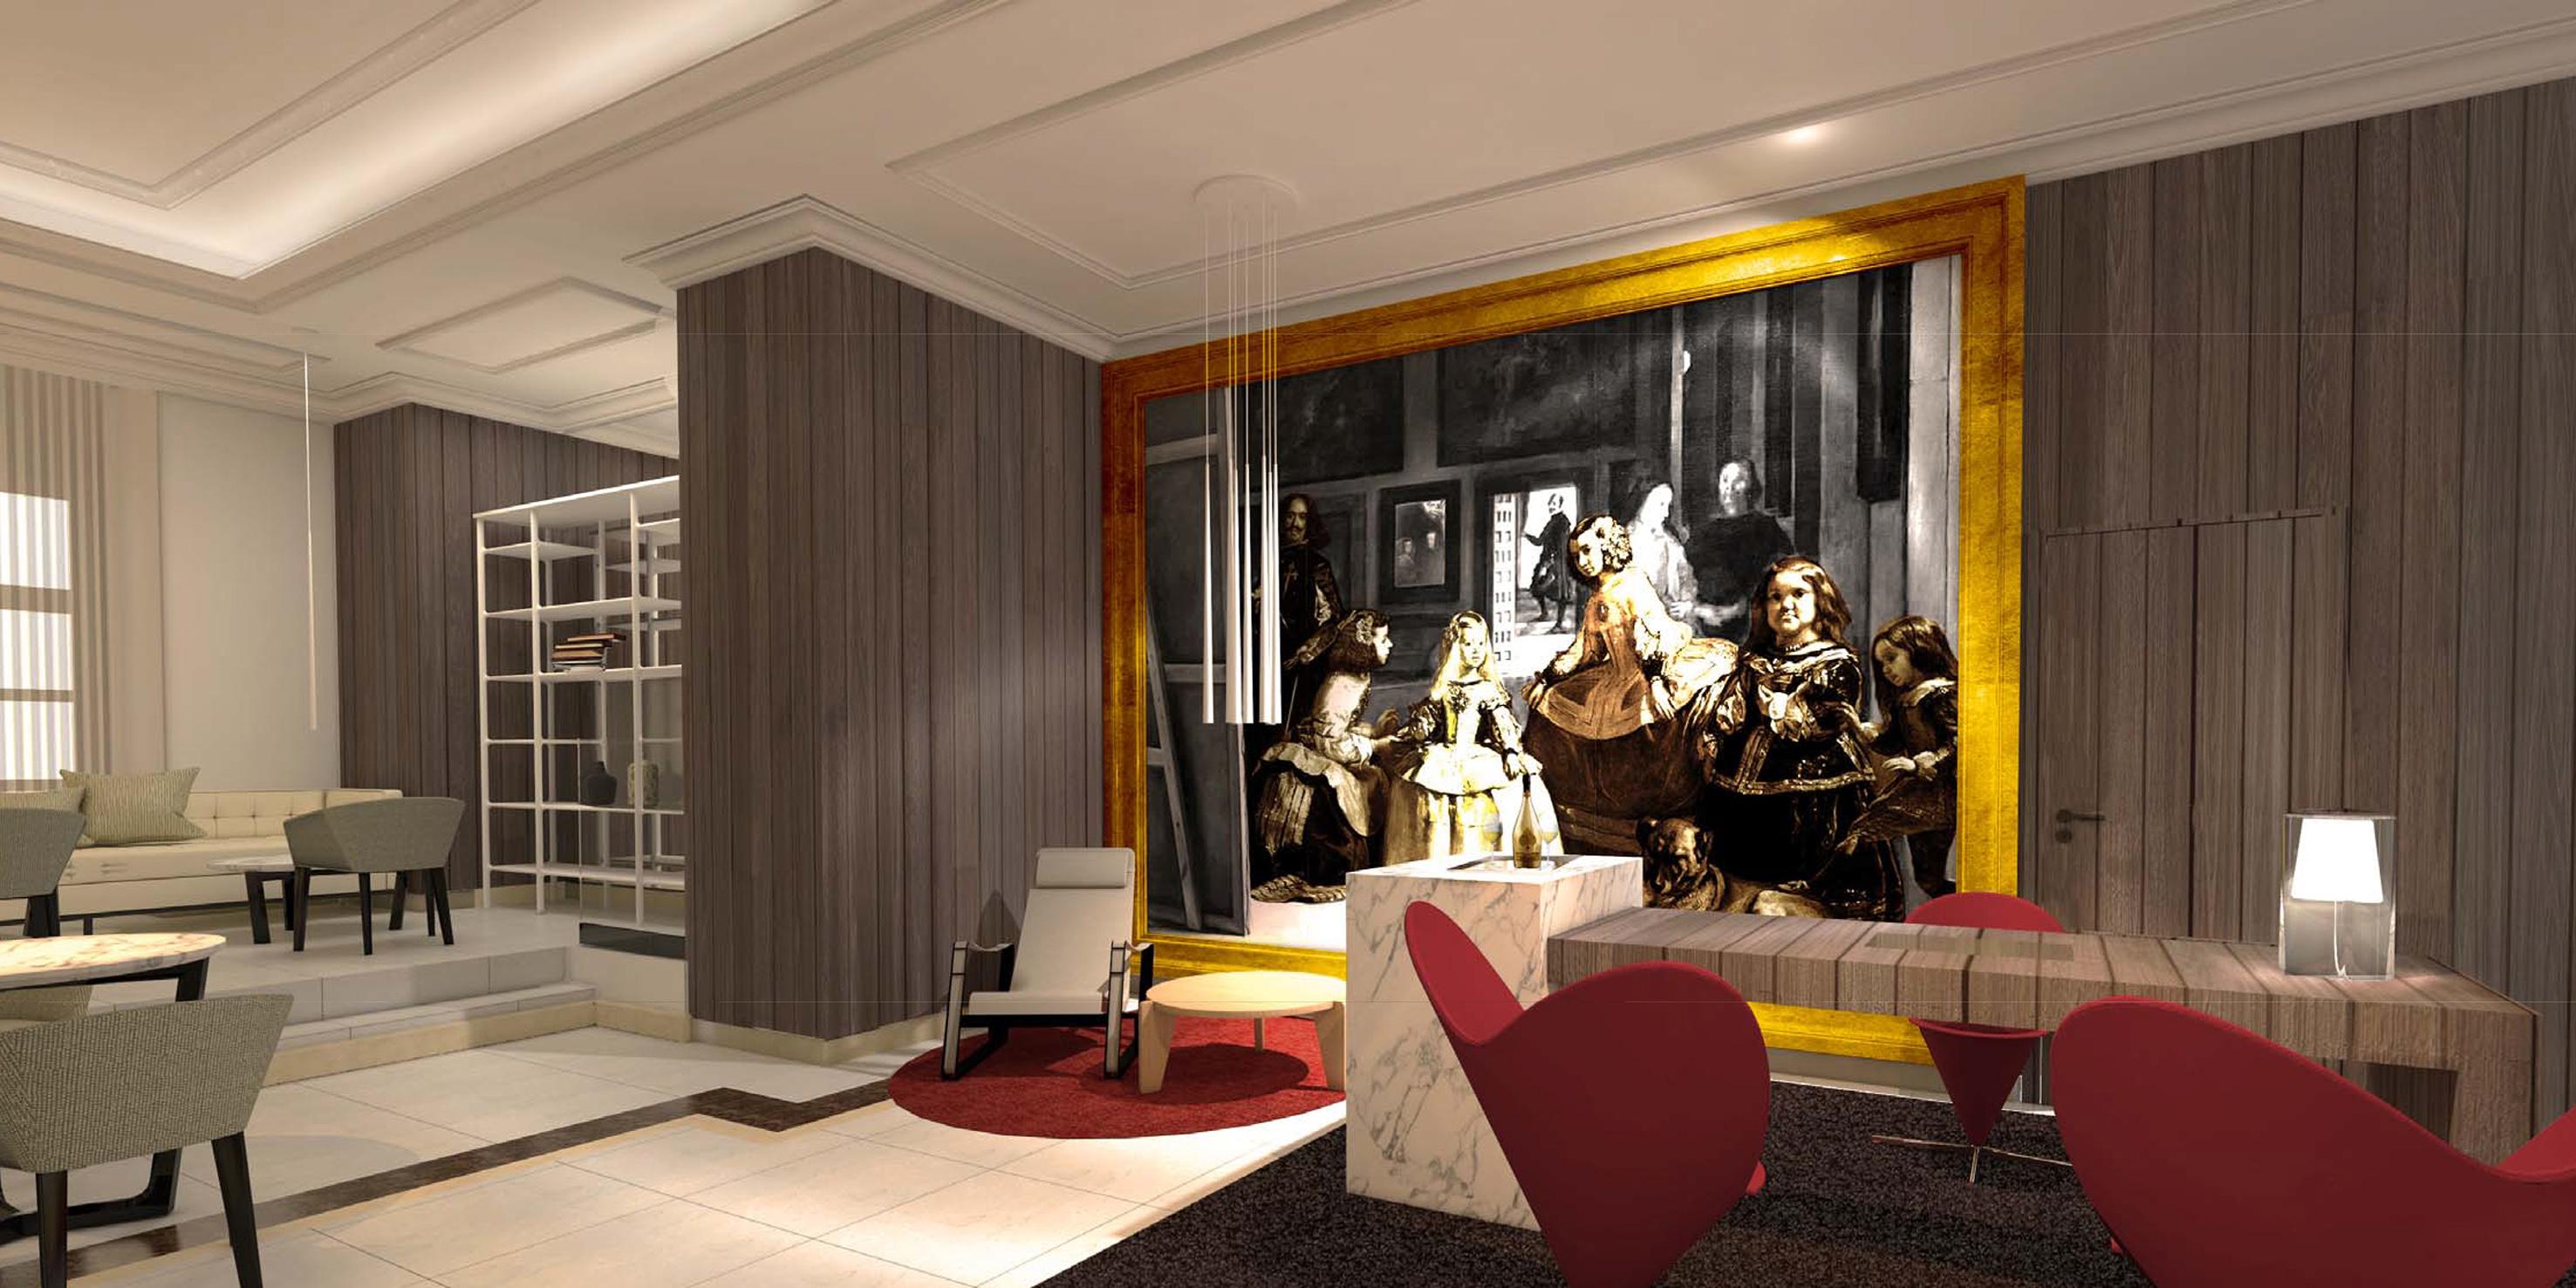 Meliá Hotels International announces Gran Melia Palacio de los